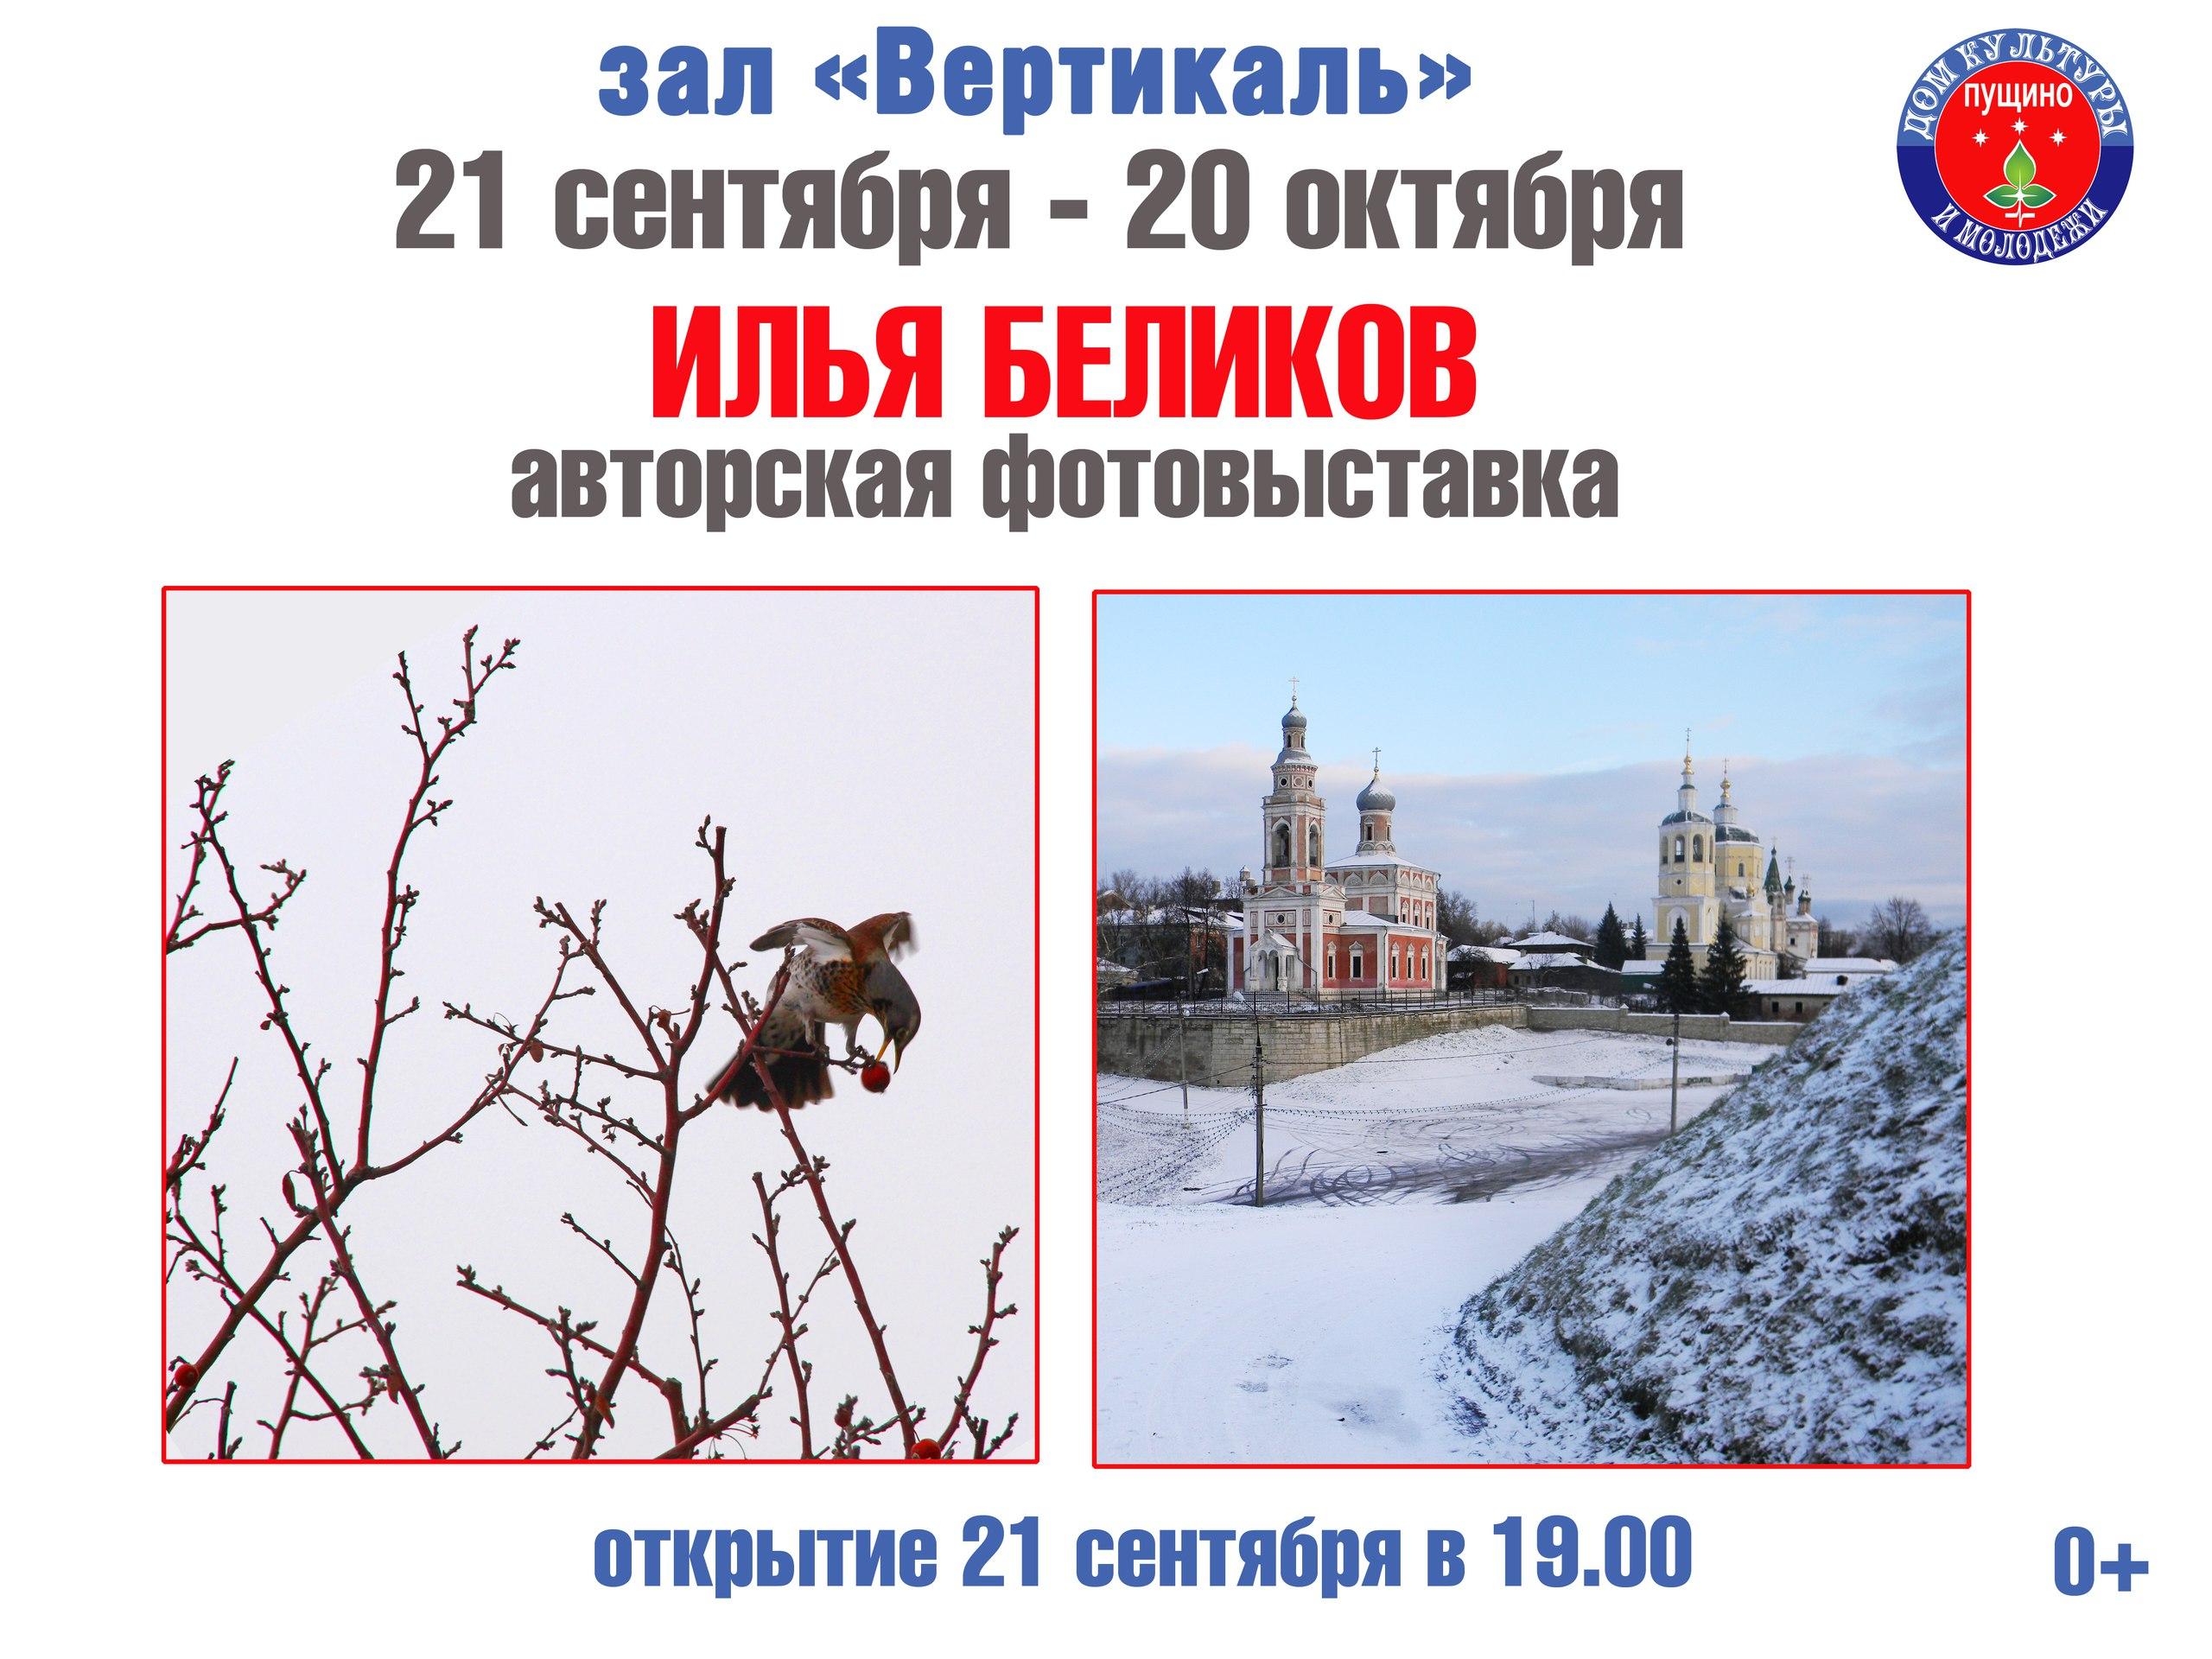 Приглашаем на авторскую фотовыставки Ильи Беликова!